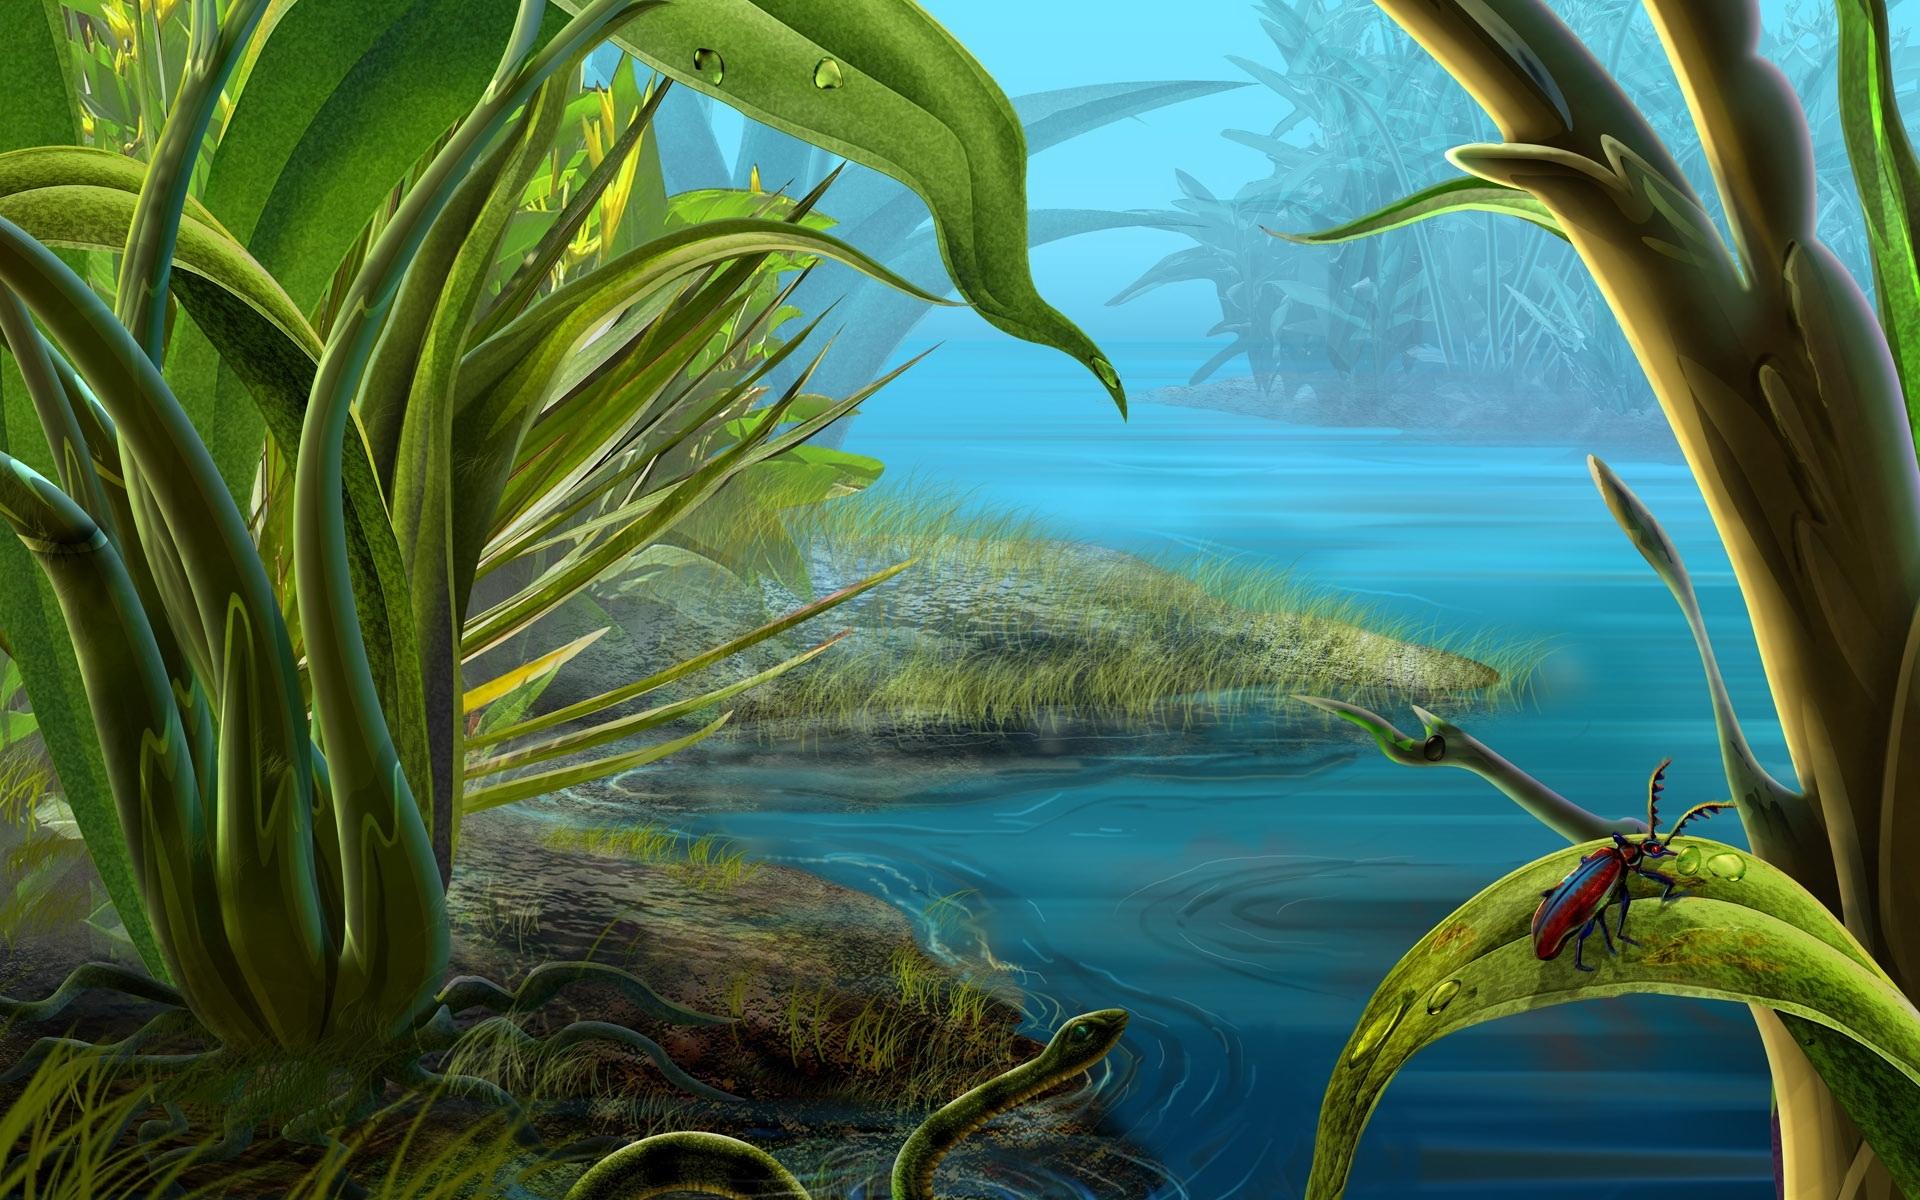 1310 descargar fondo de pantalla Plantas, Paisaje, Agua, Insectos, Arte: protectores de pantalla e imágenes gratis